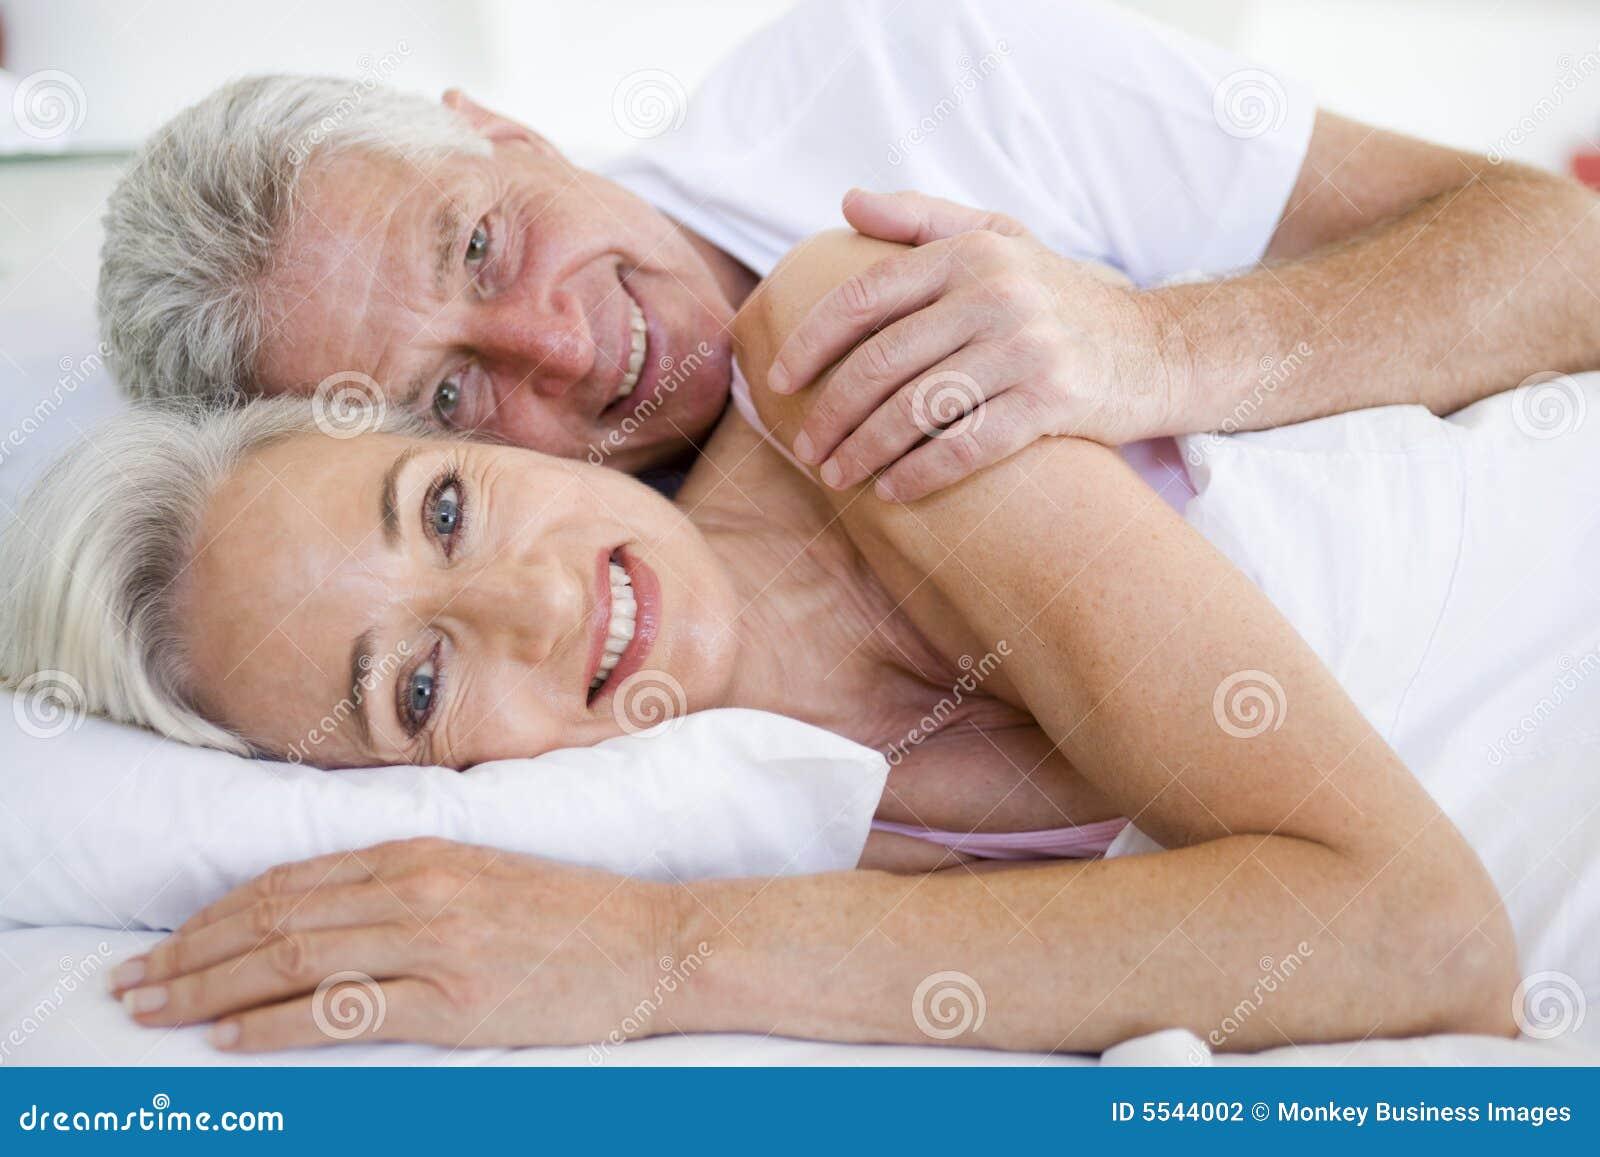 Секс двух пар молодой и пожилой, Пара Молодая Зрелая - Bub Porn -порно видео 23 фотография